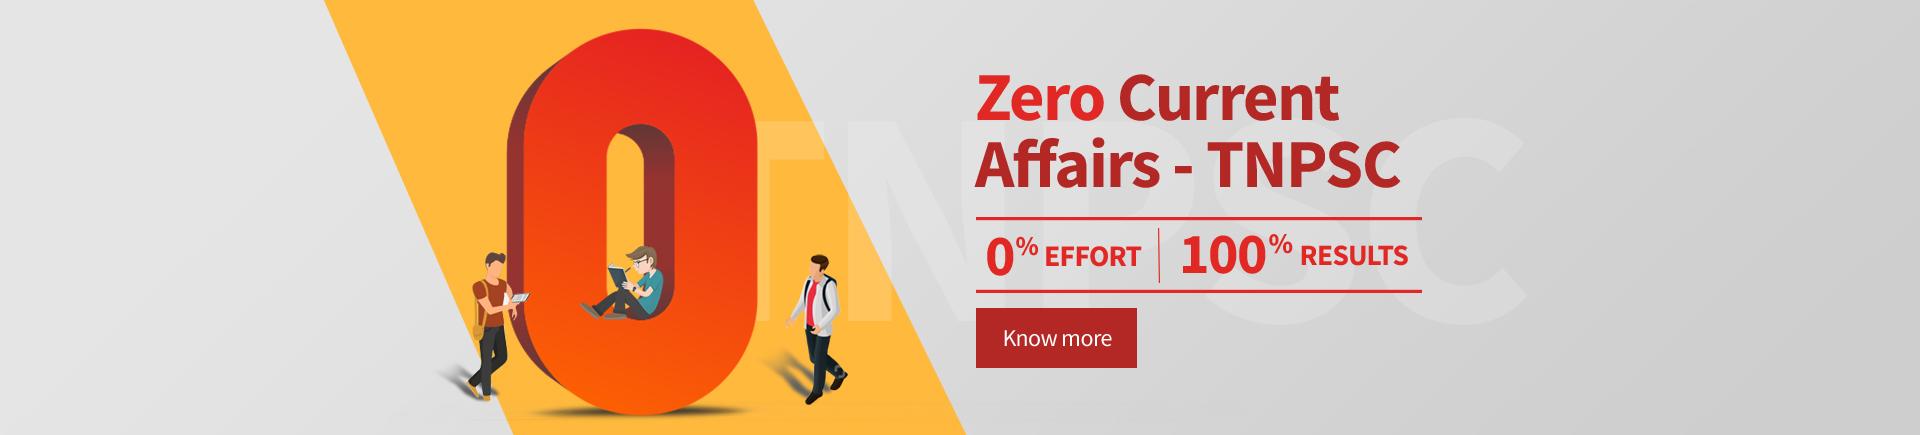 Zero Current Affairs